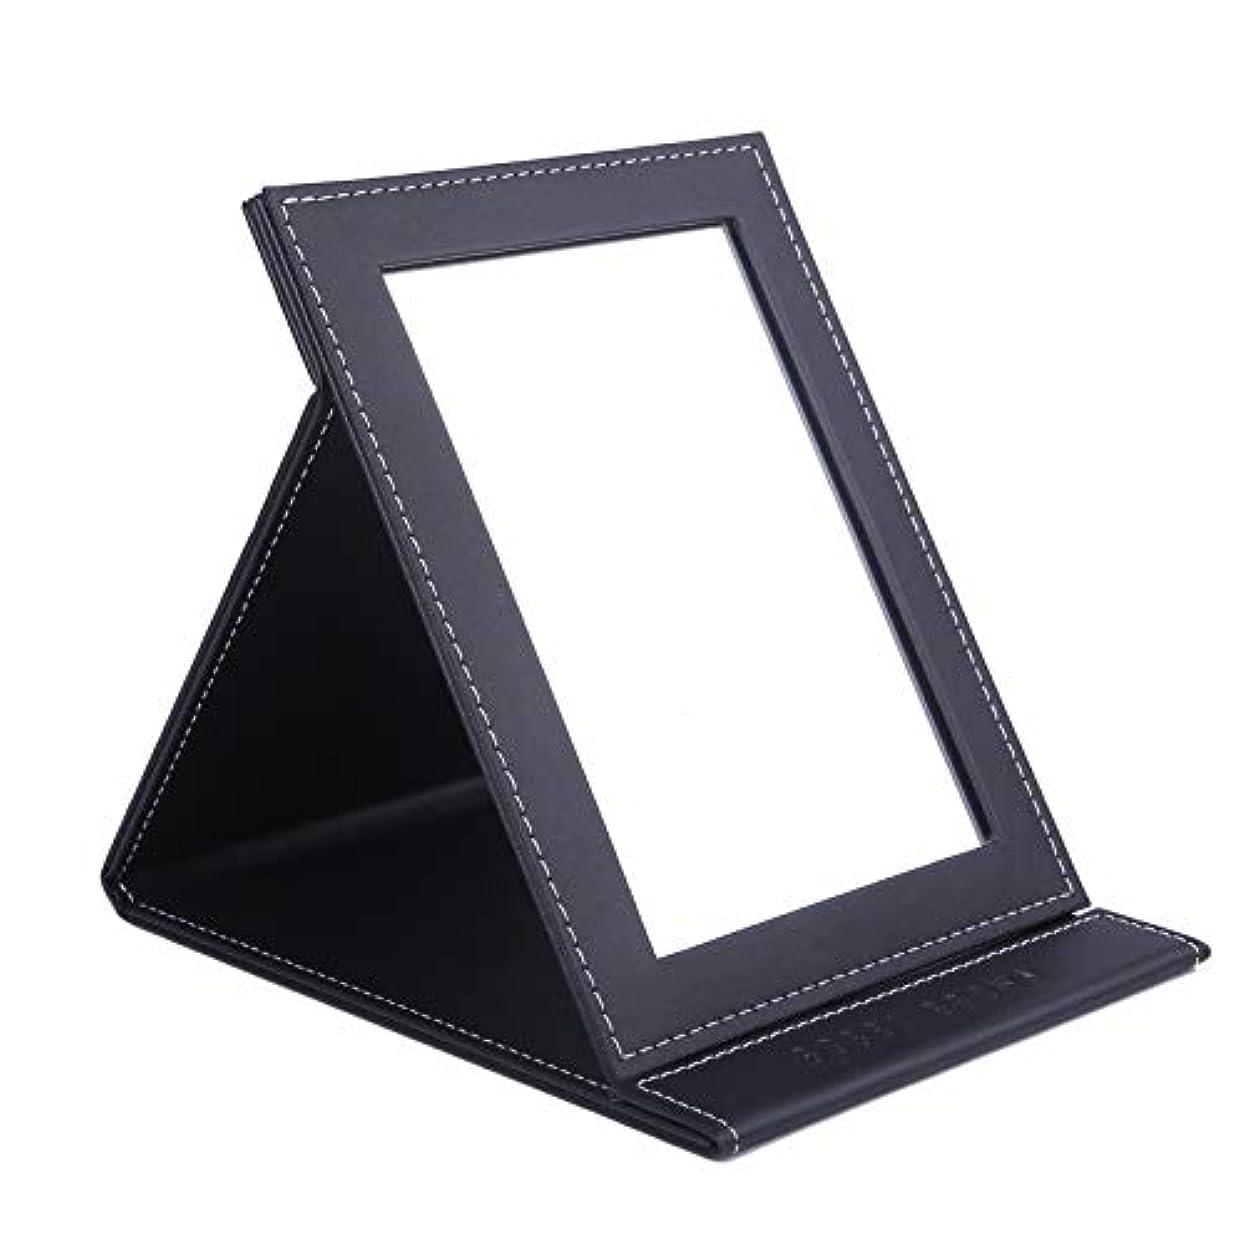 によって櫛工業用[スプレンノ] 折立ミラー 卓上ミラー 折り畳みミラー 折りたたみ式 化粧鏡 レザー仕上げ (L)